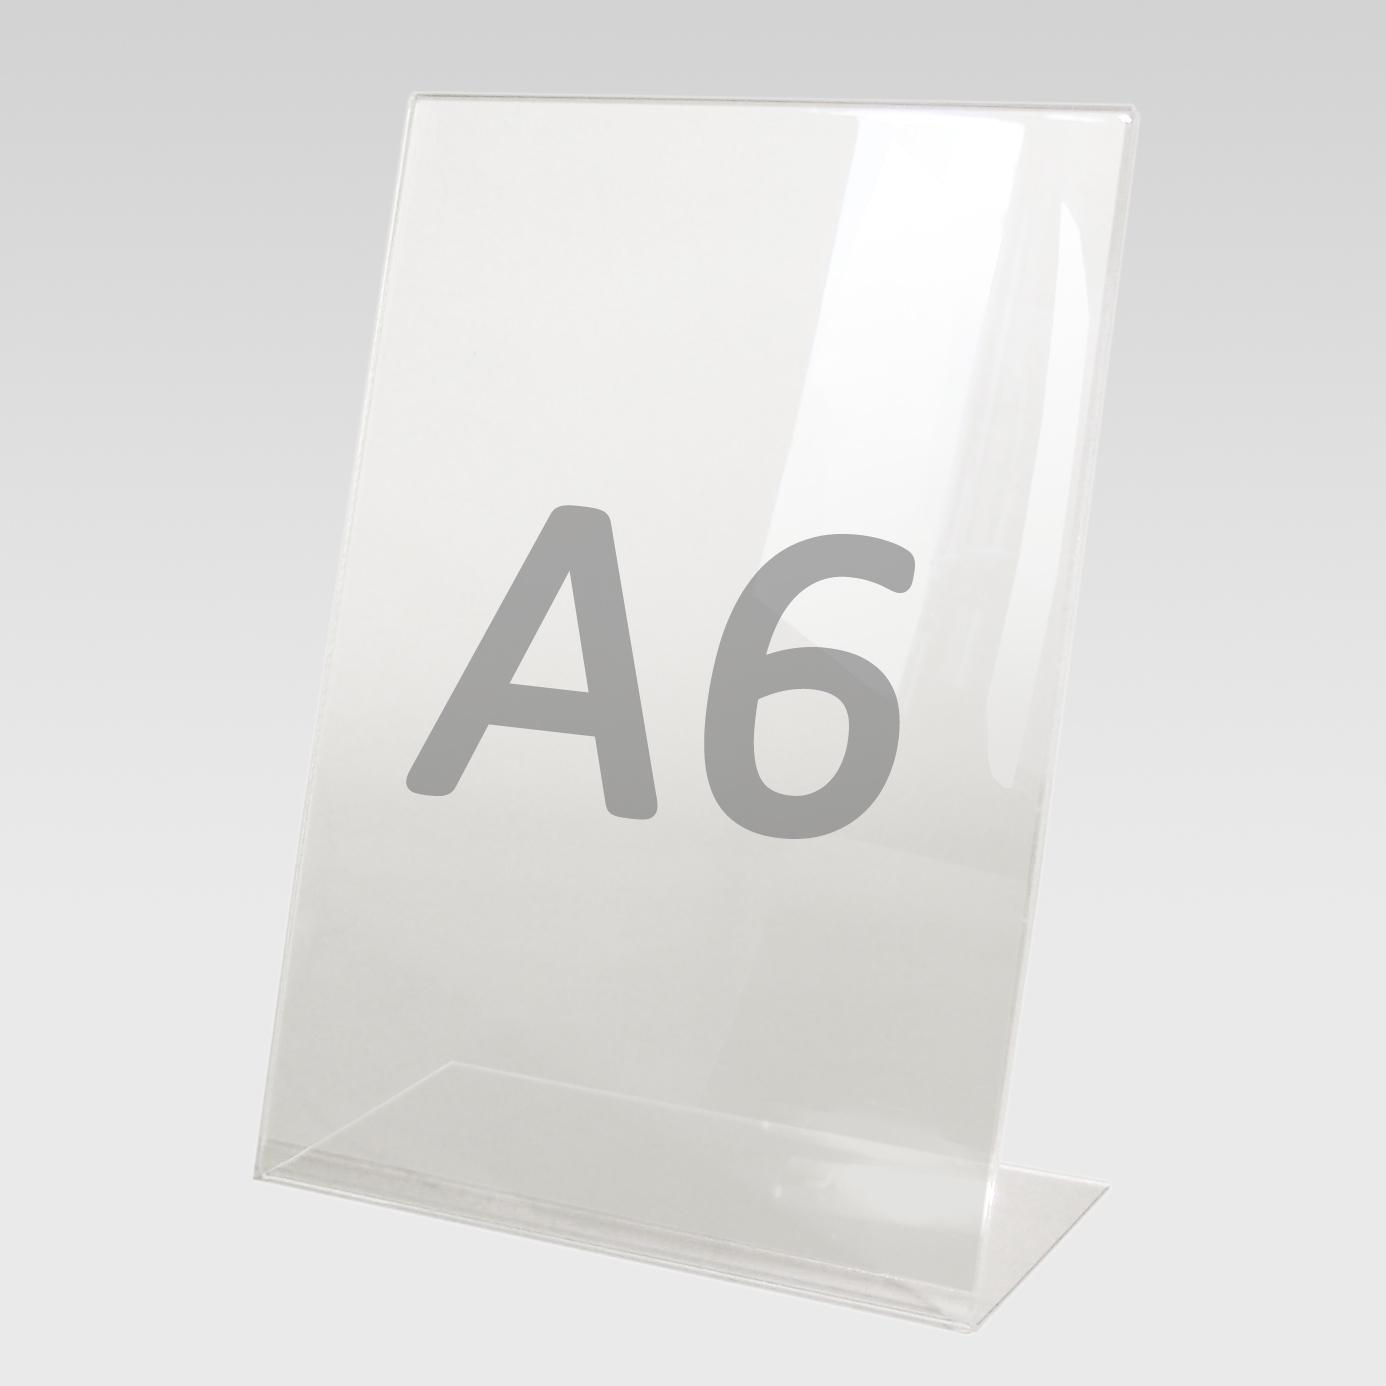 Tischaufsteller L-Aufsteller für Format A6, Acryl